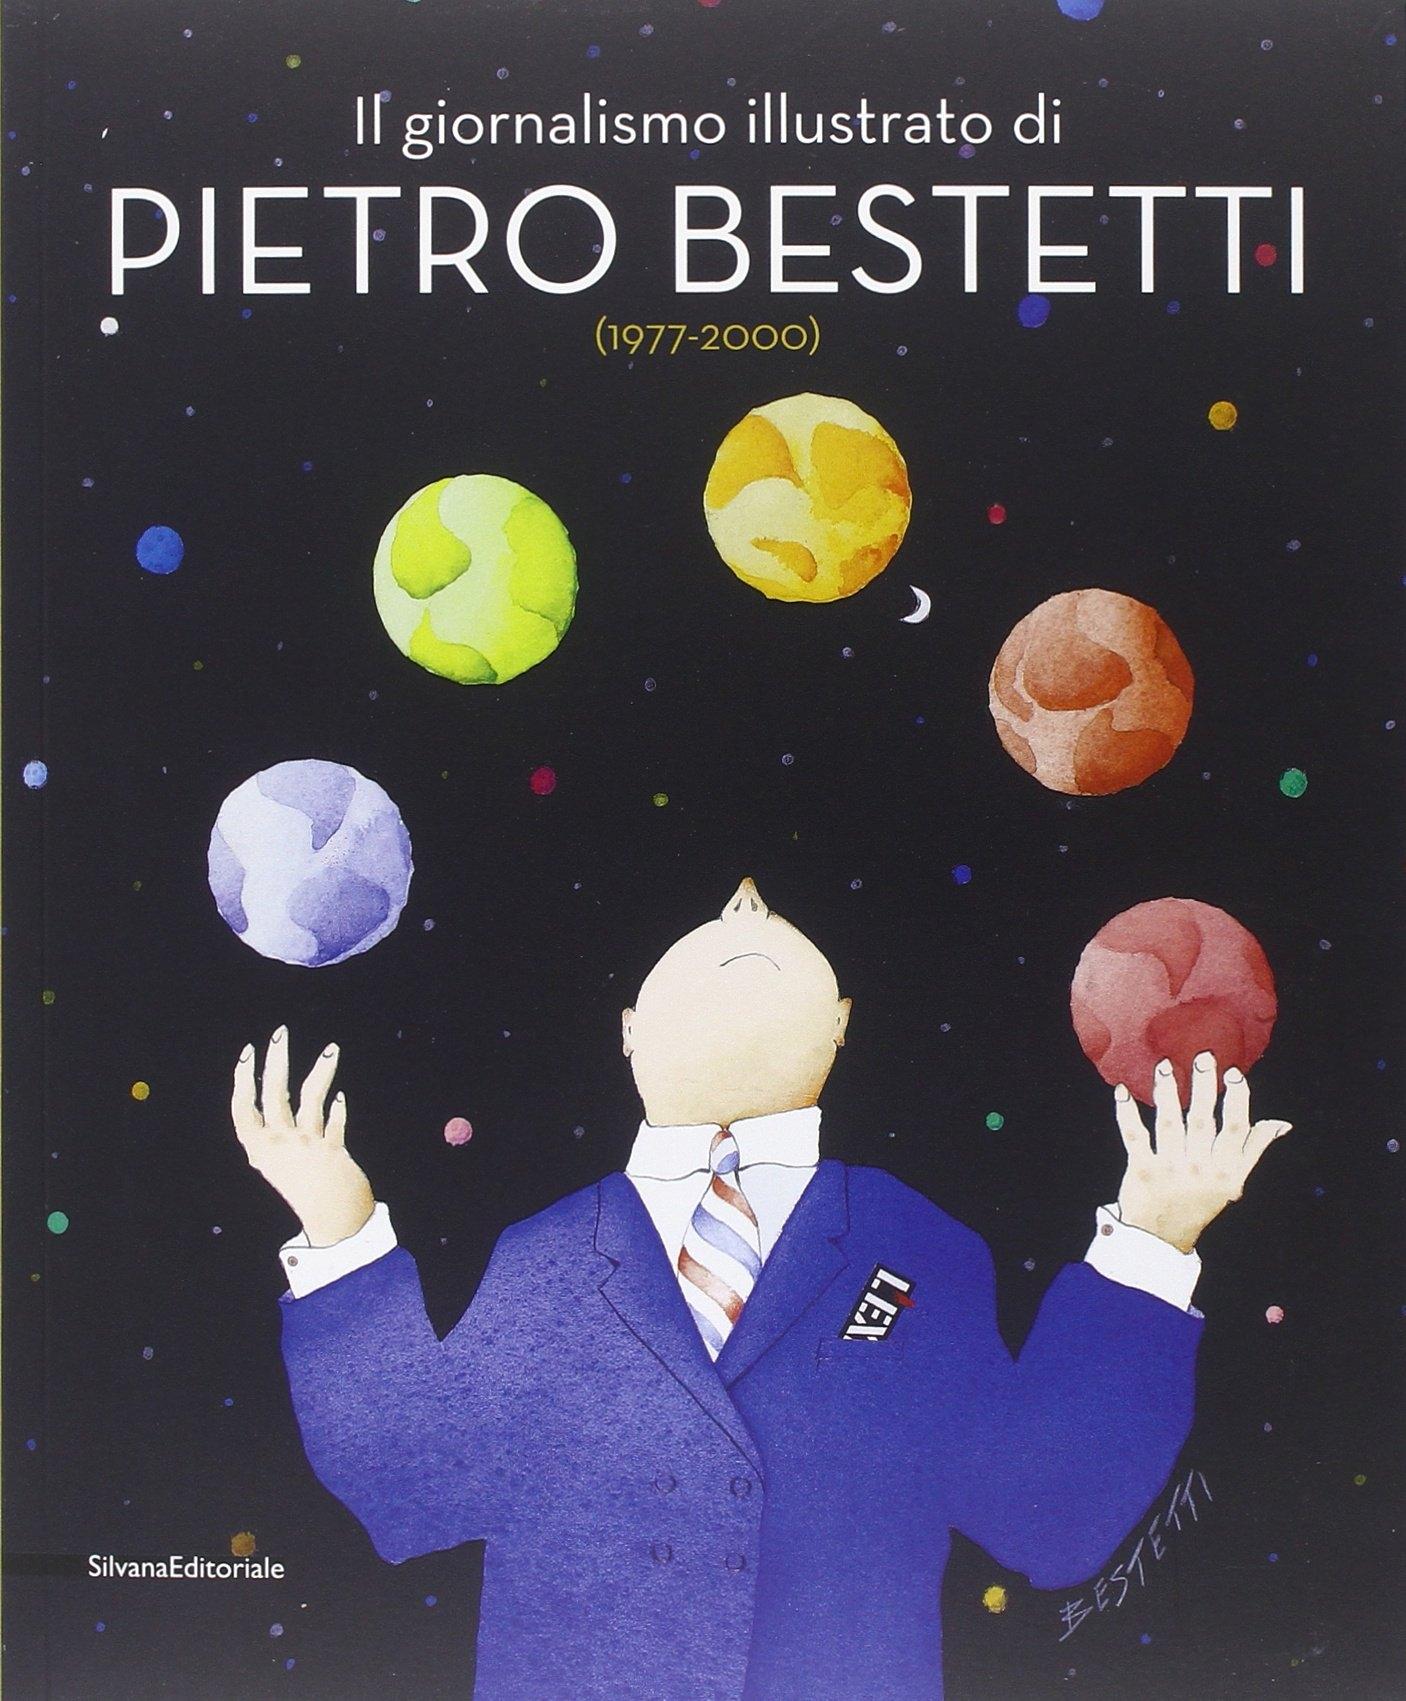 Il giornalismo illustrato di Pietro Bestetti